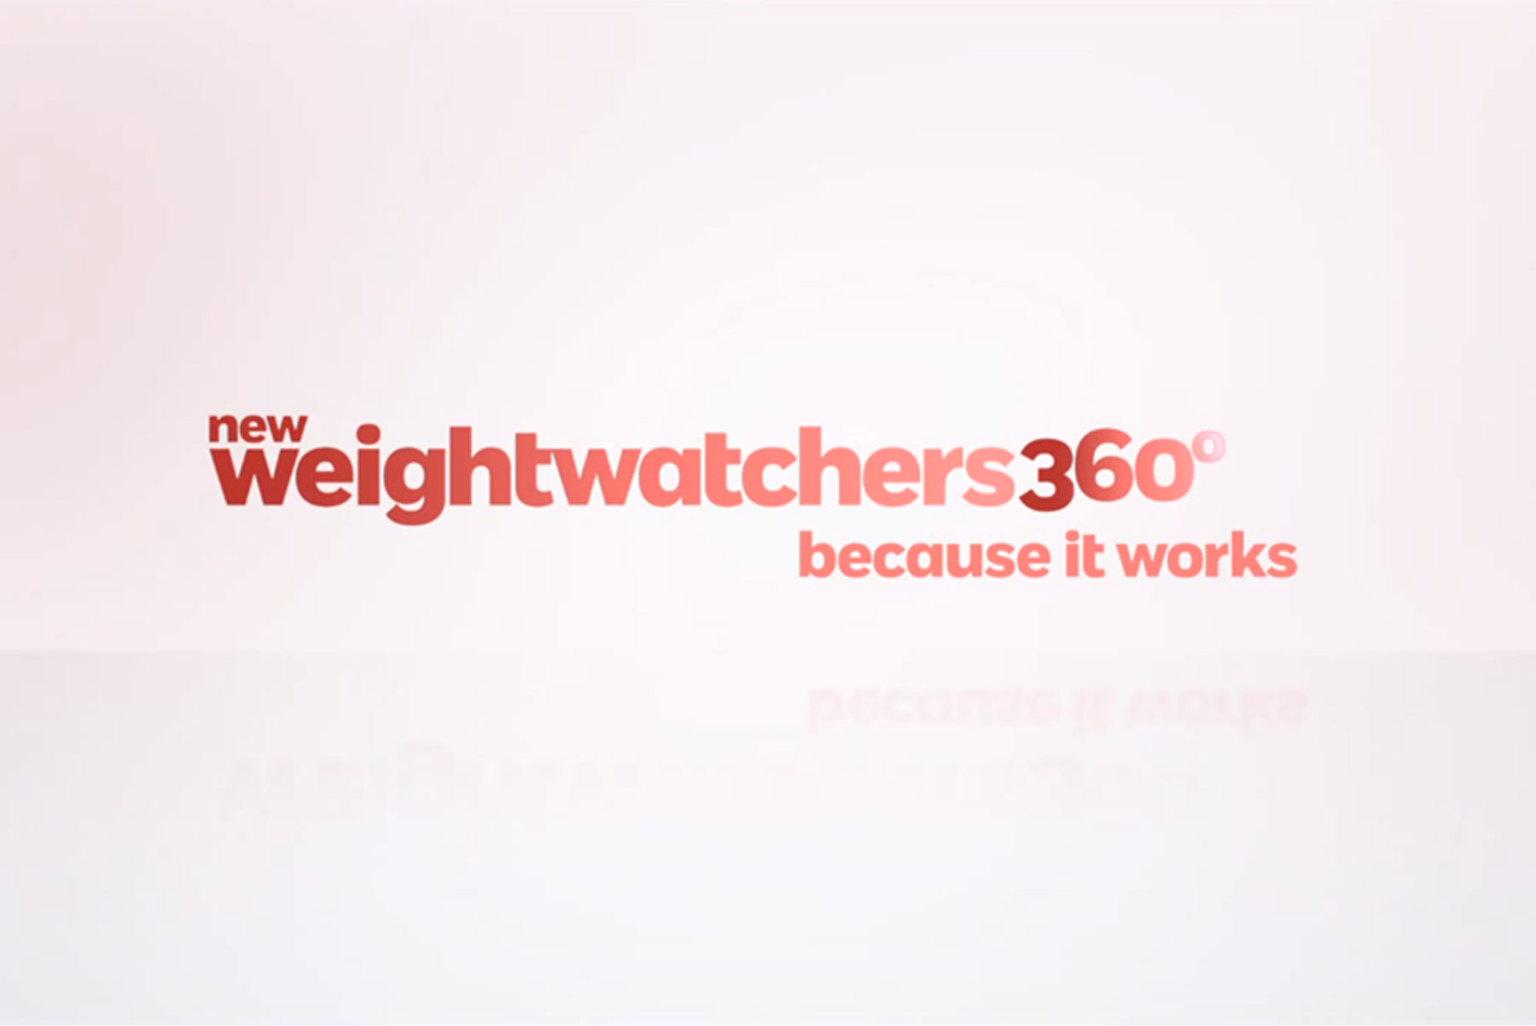 Vllg mckl fort weightwatchers